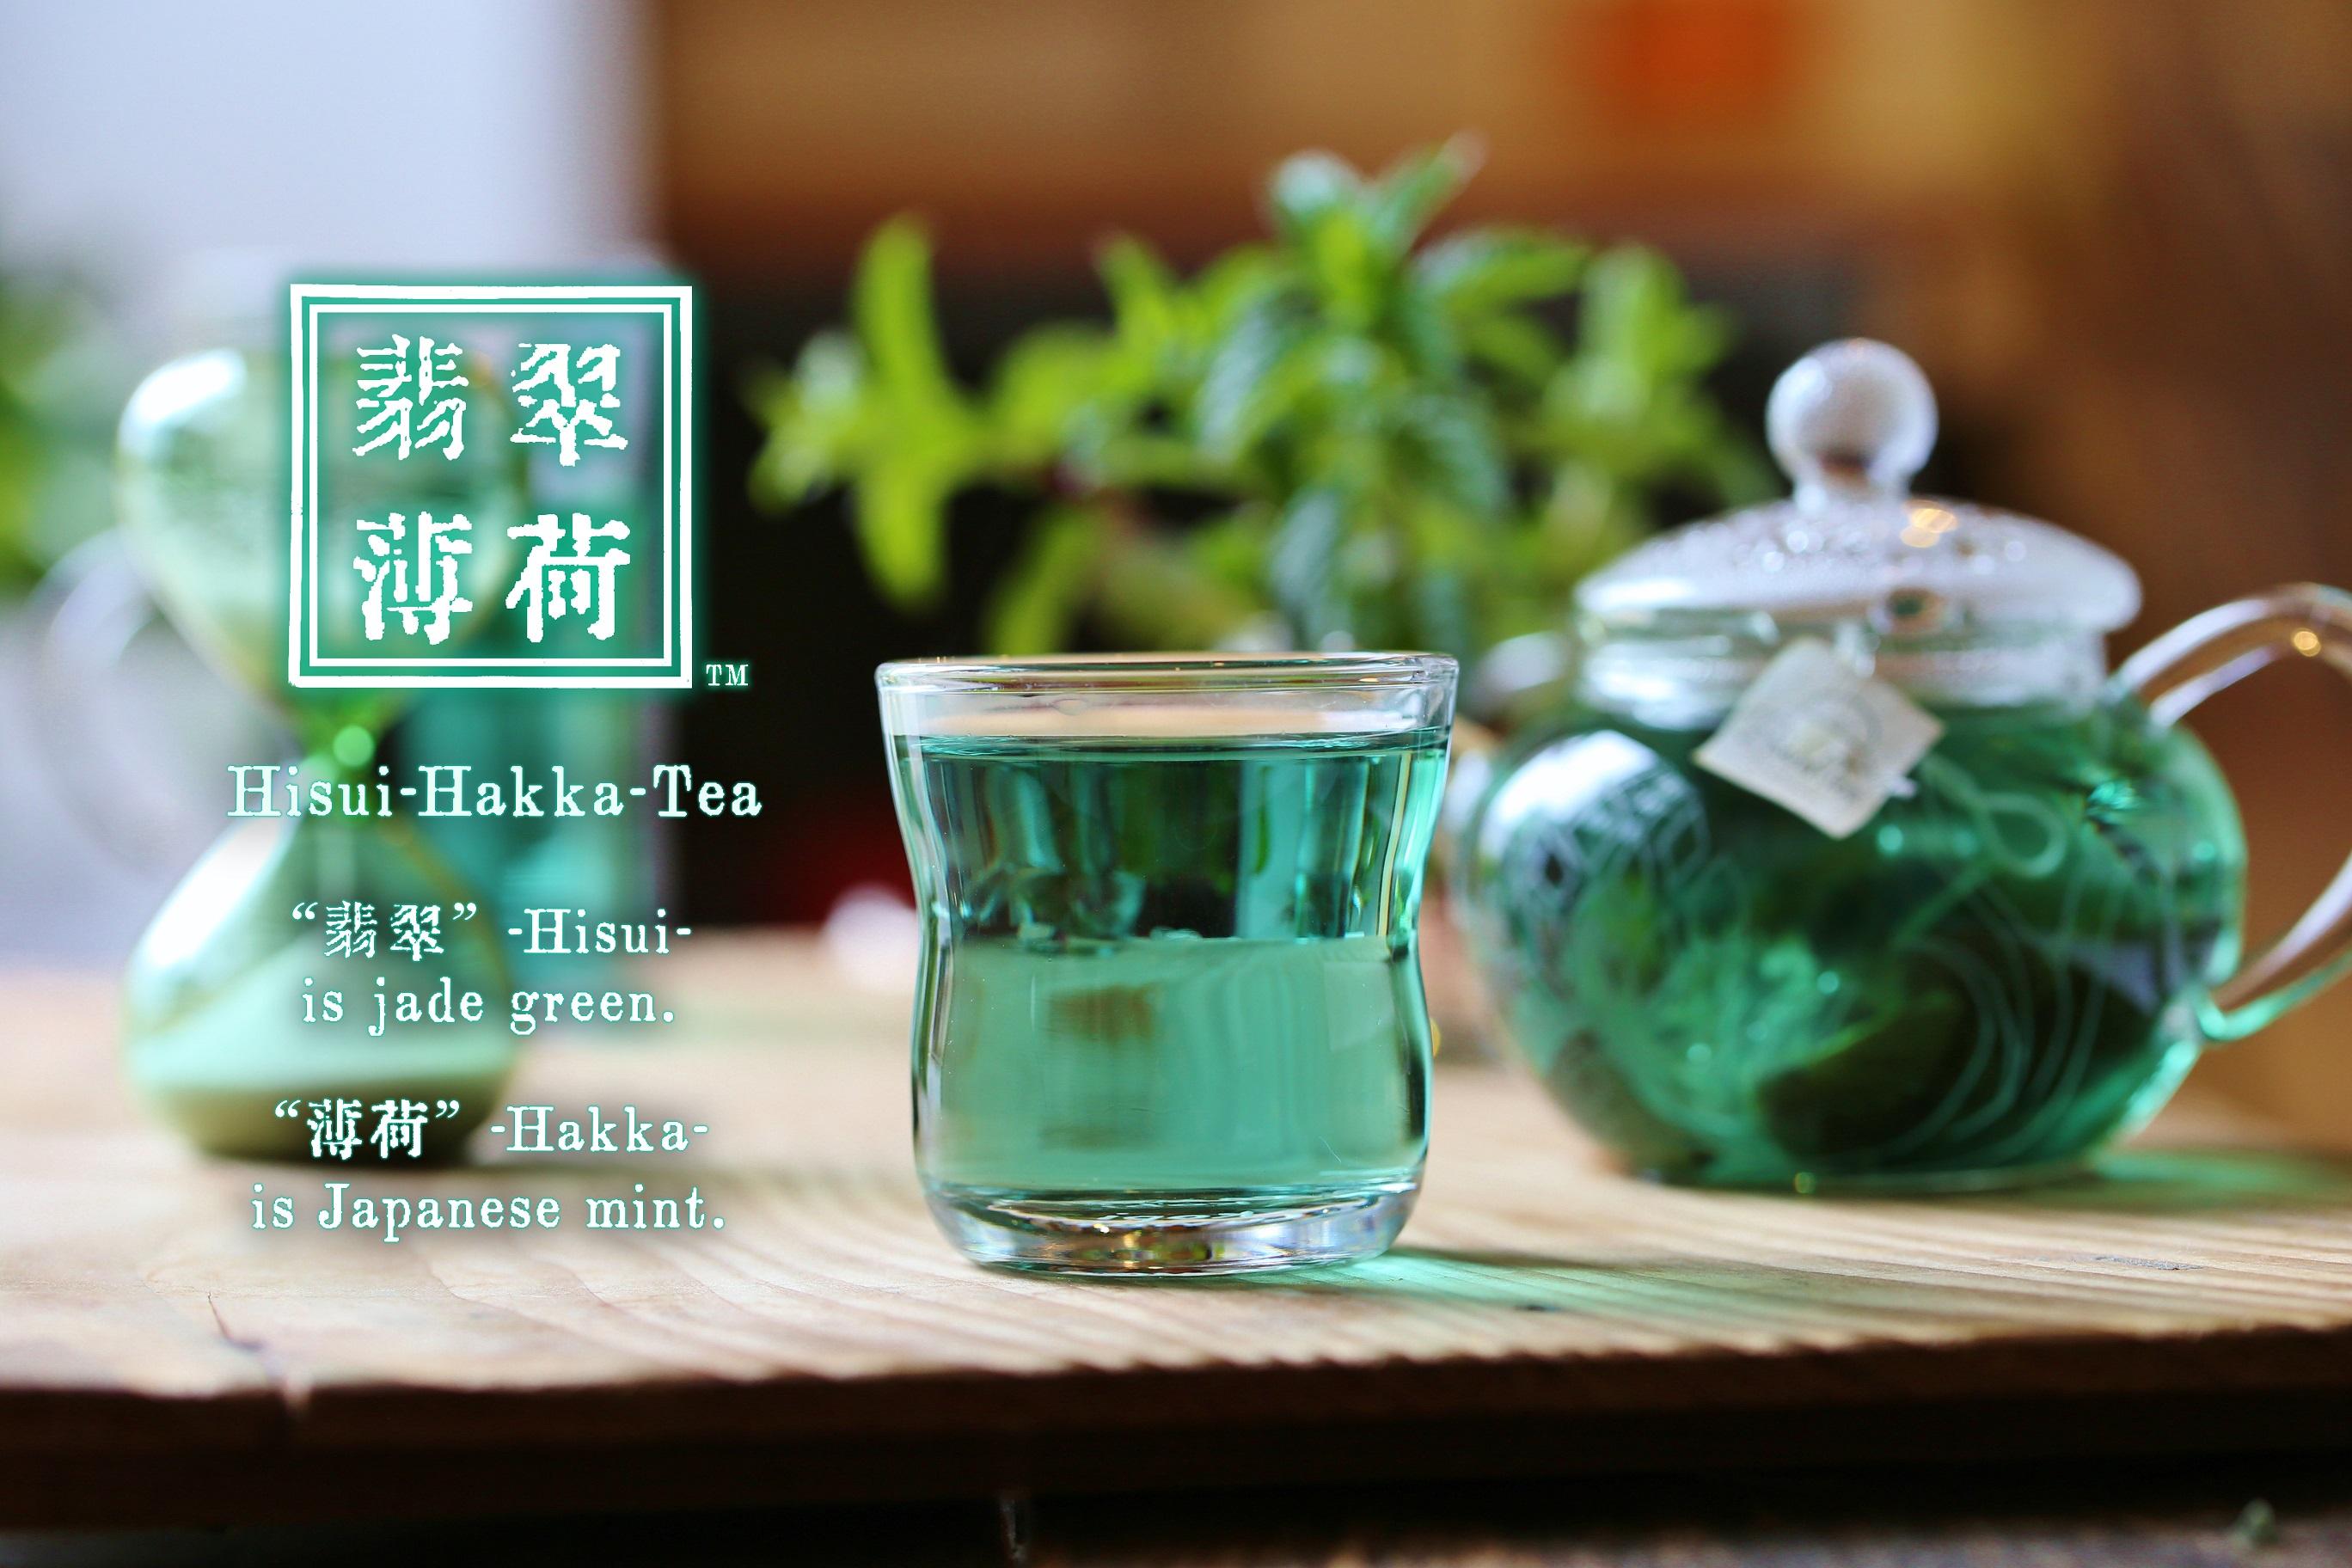 翡翠薄荷茶